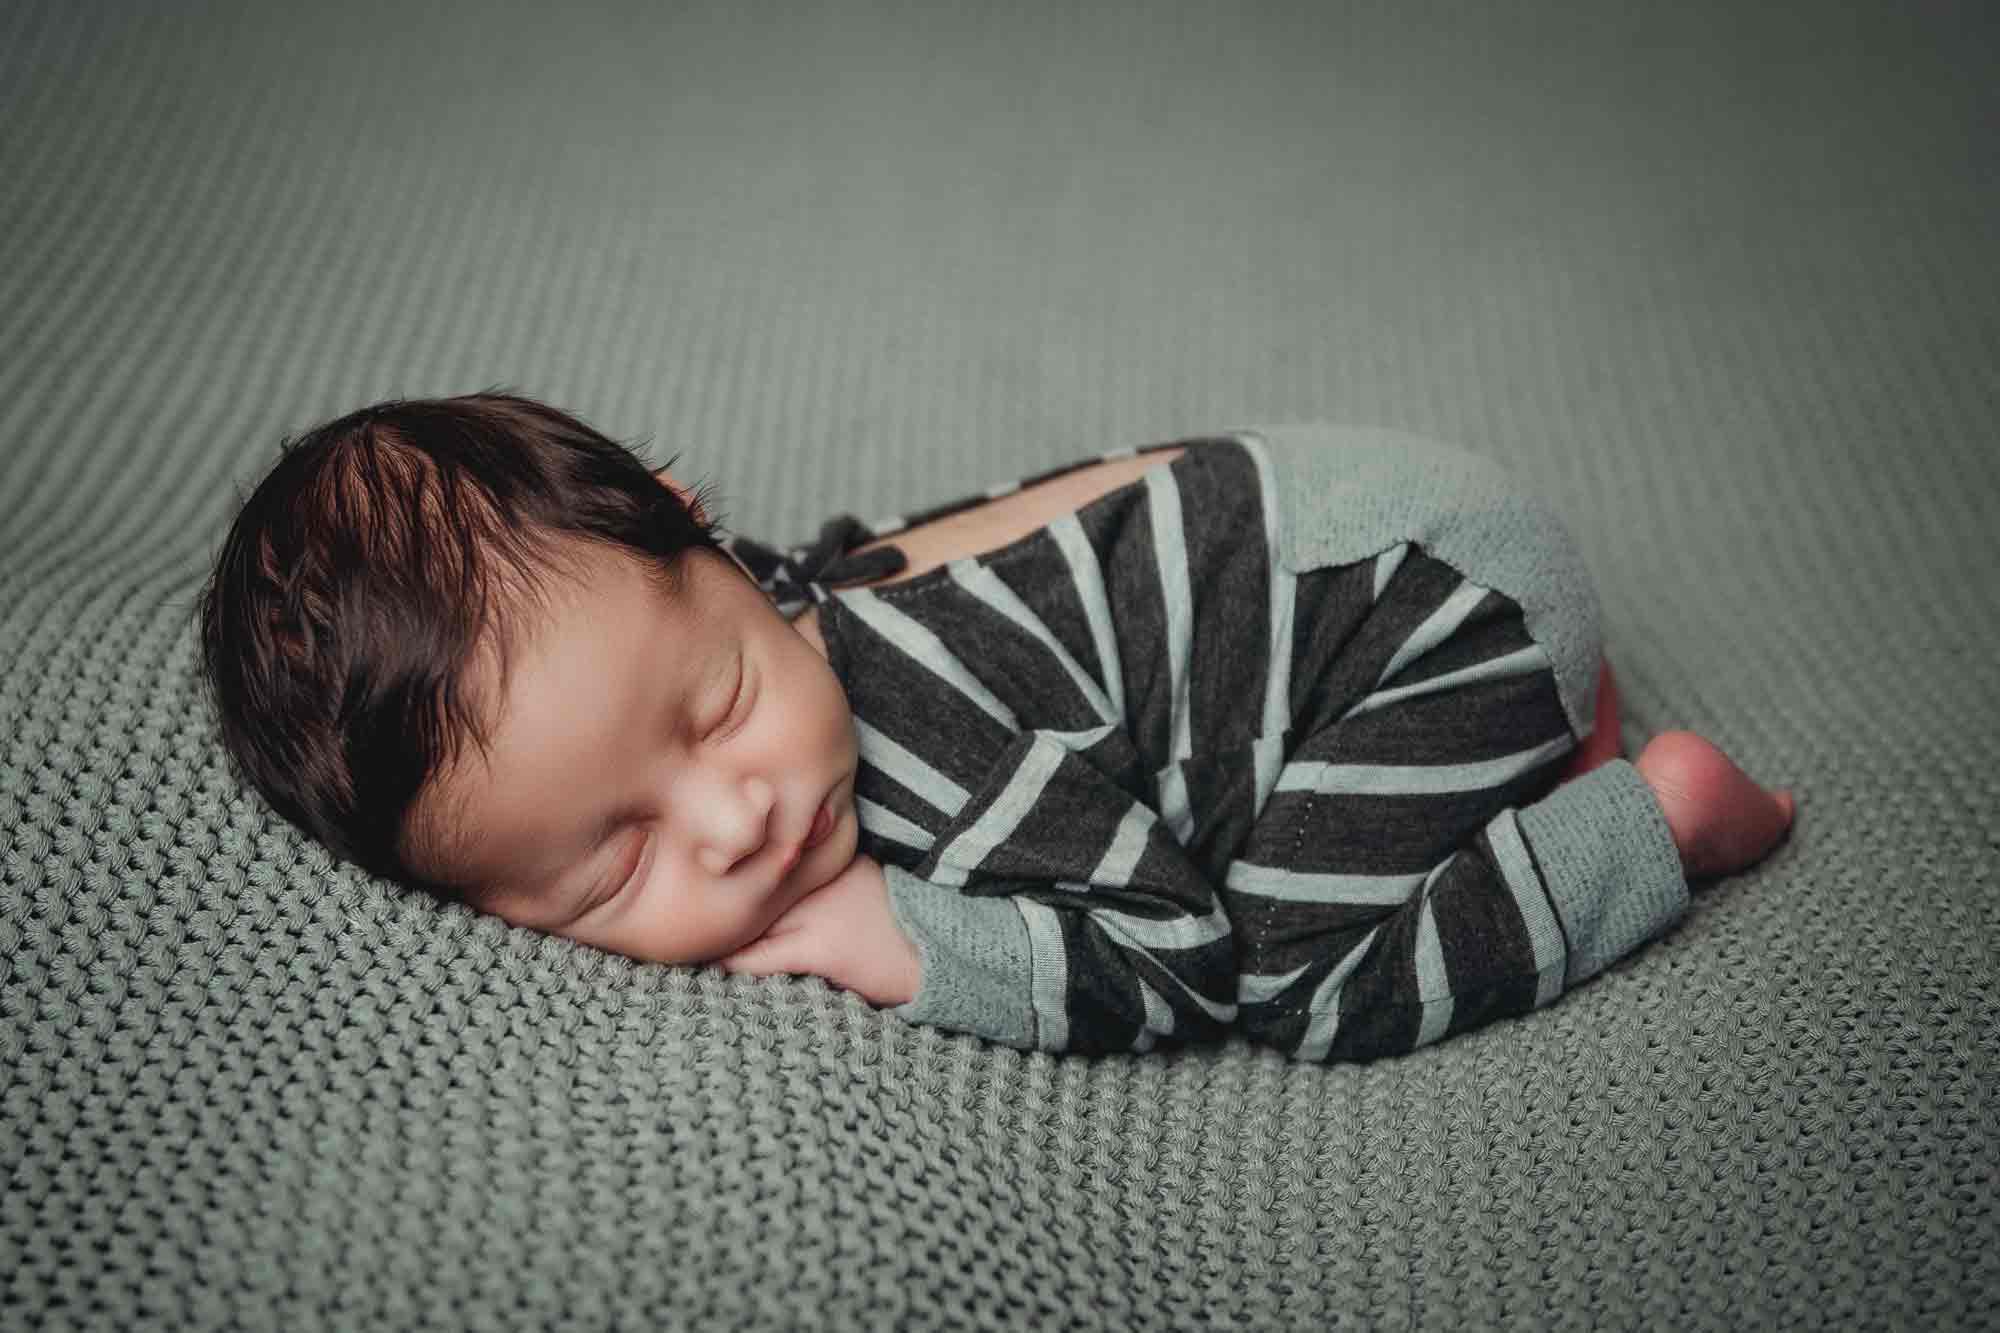 sergio-moreno-fabrica-de-suenos--cursos-de-fotografia-de-recien-nacidos-newborns-fotofest18